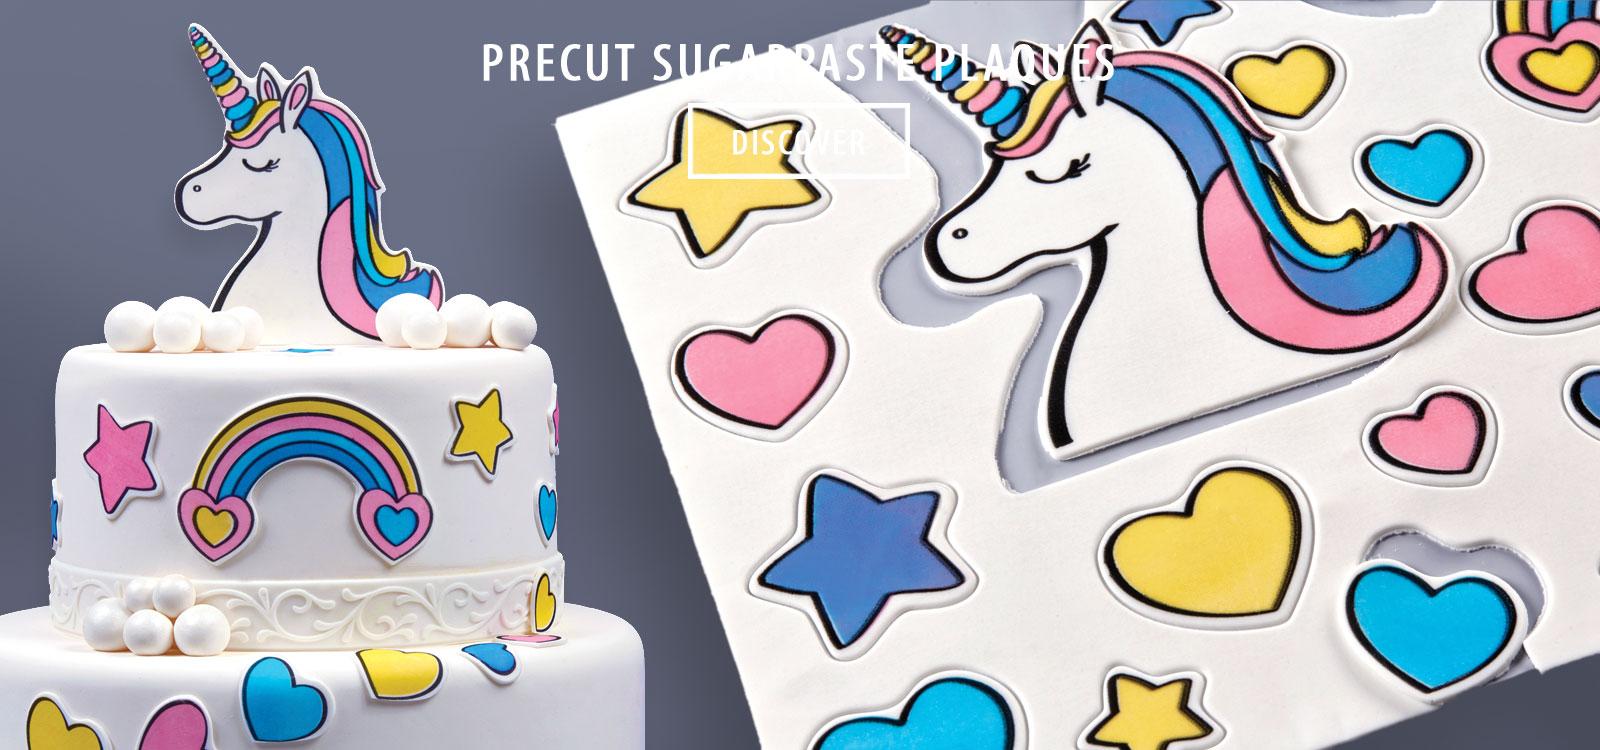 pre cut fondant, pre cut sugarpaste